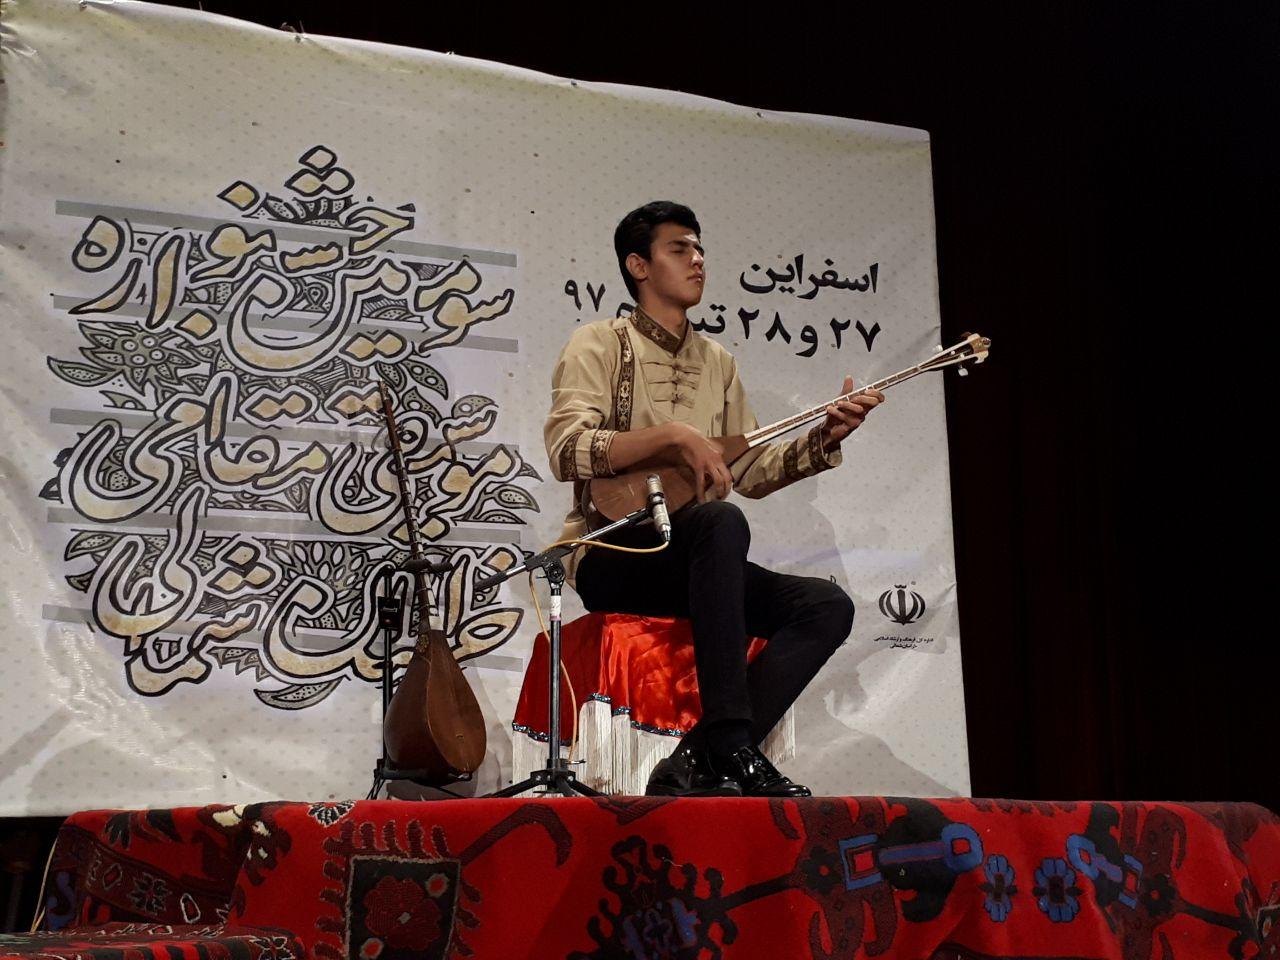 سید مجتبی حسینی: امیدواریم با کمک هنرمندان، خراسان شمالی پایتخت موسیقی مقامی کشور شود